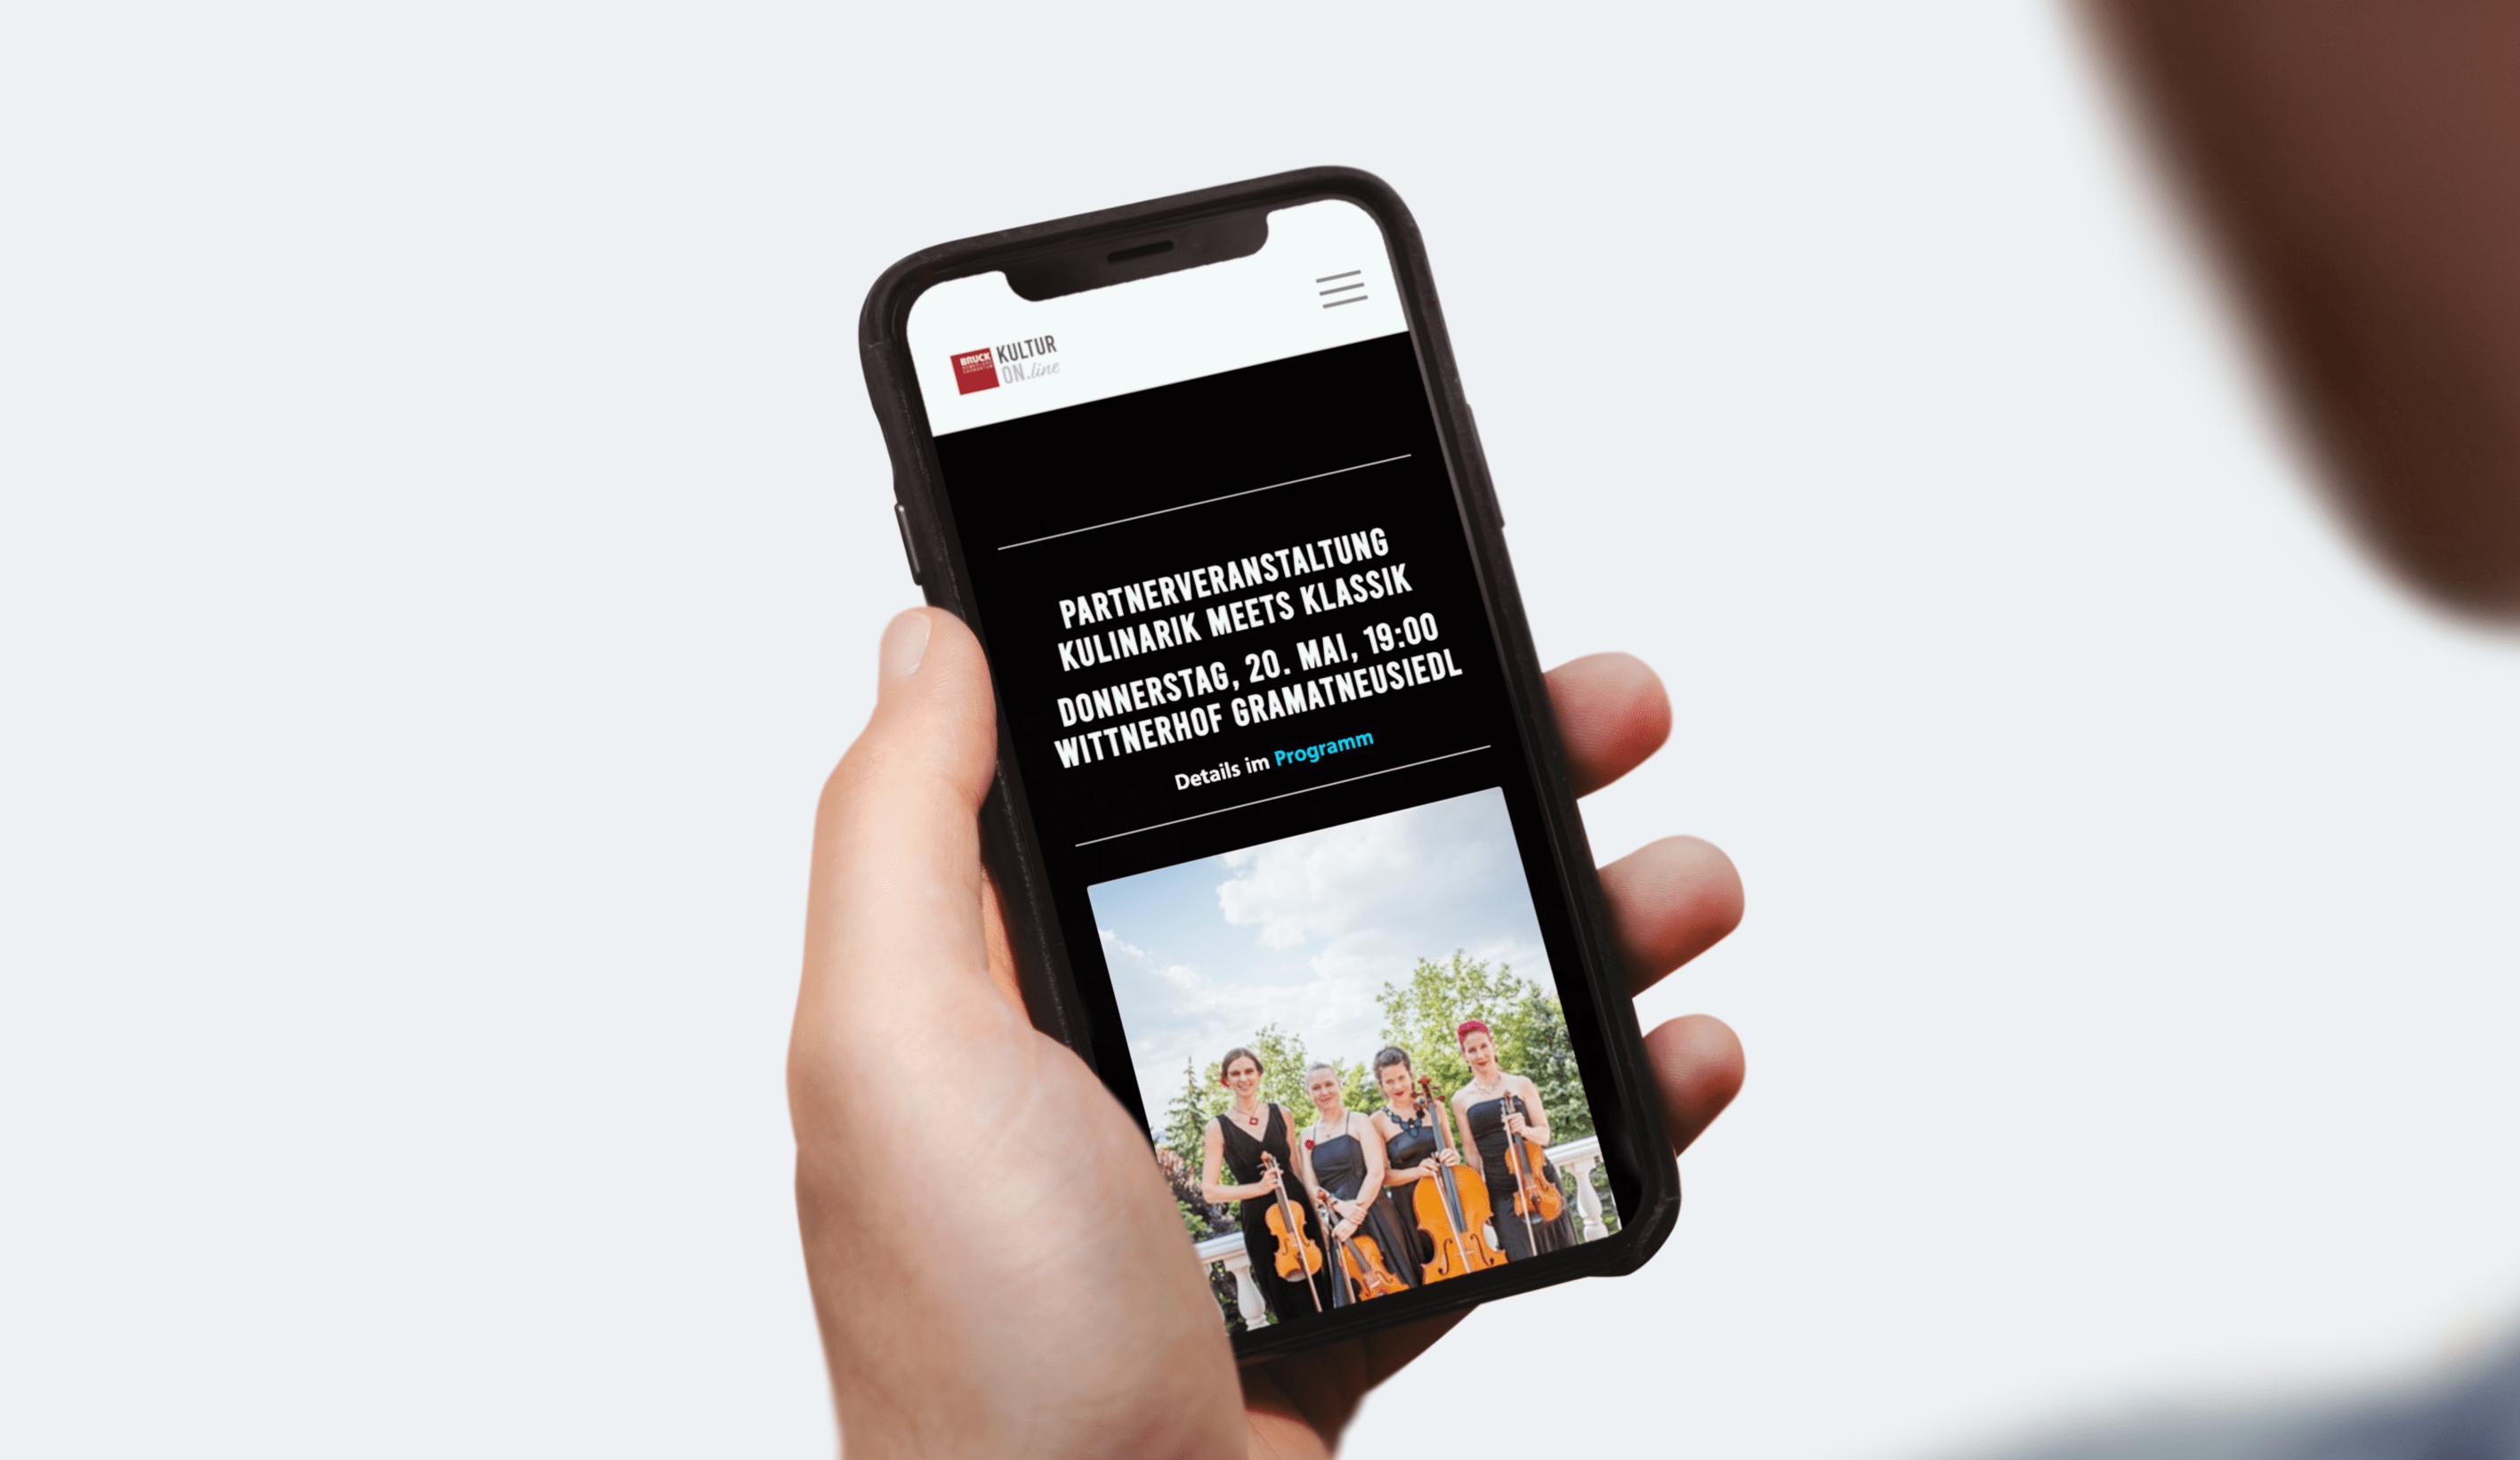 KulturOnline-Website